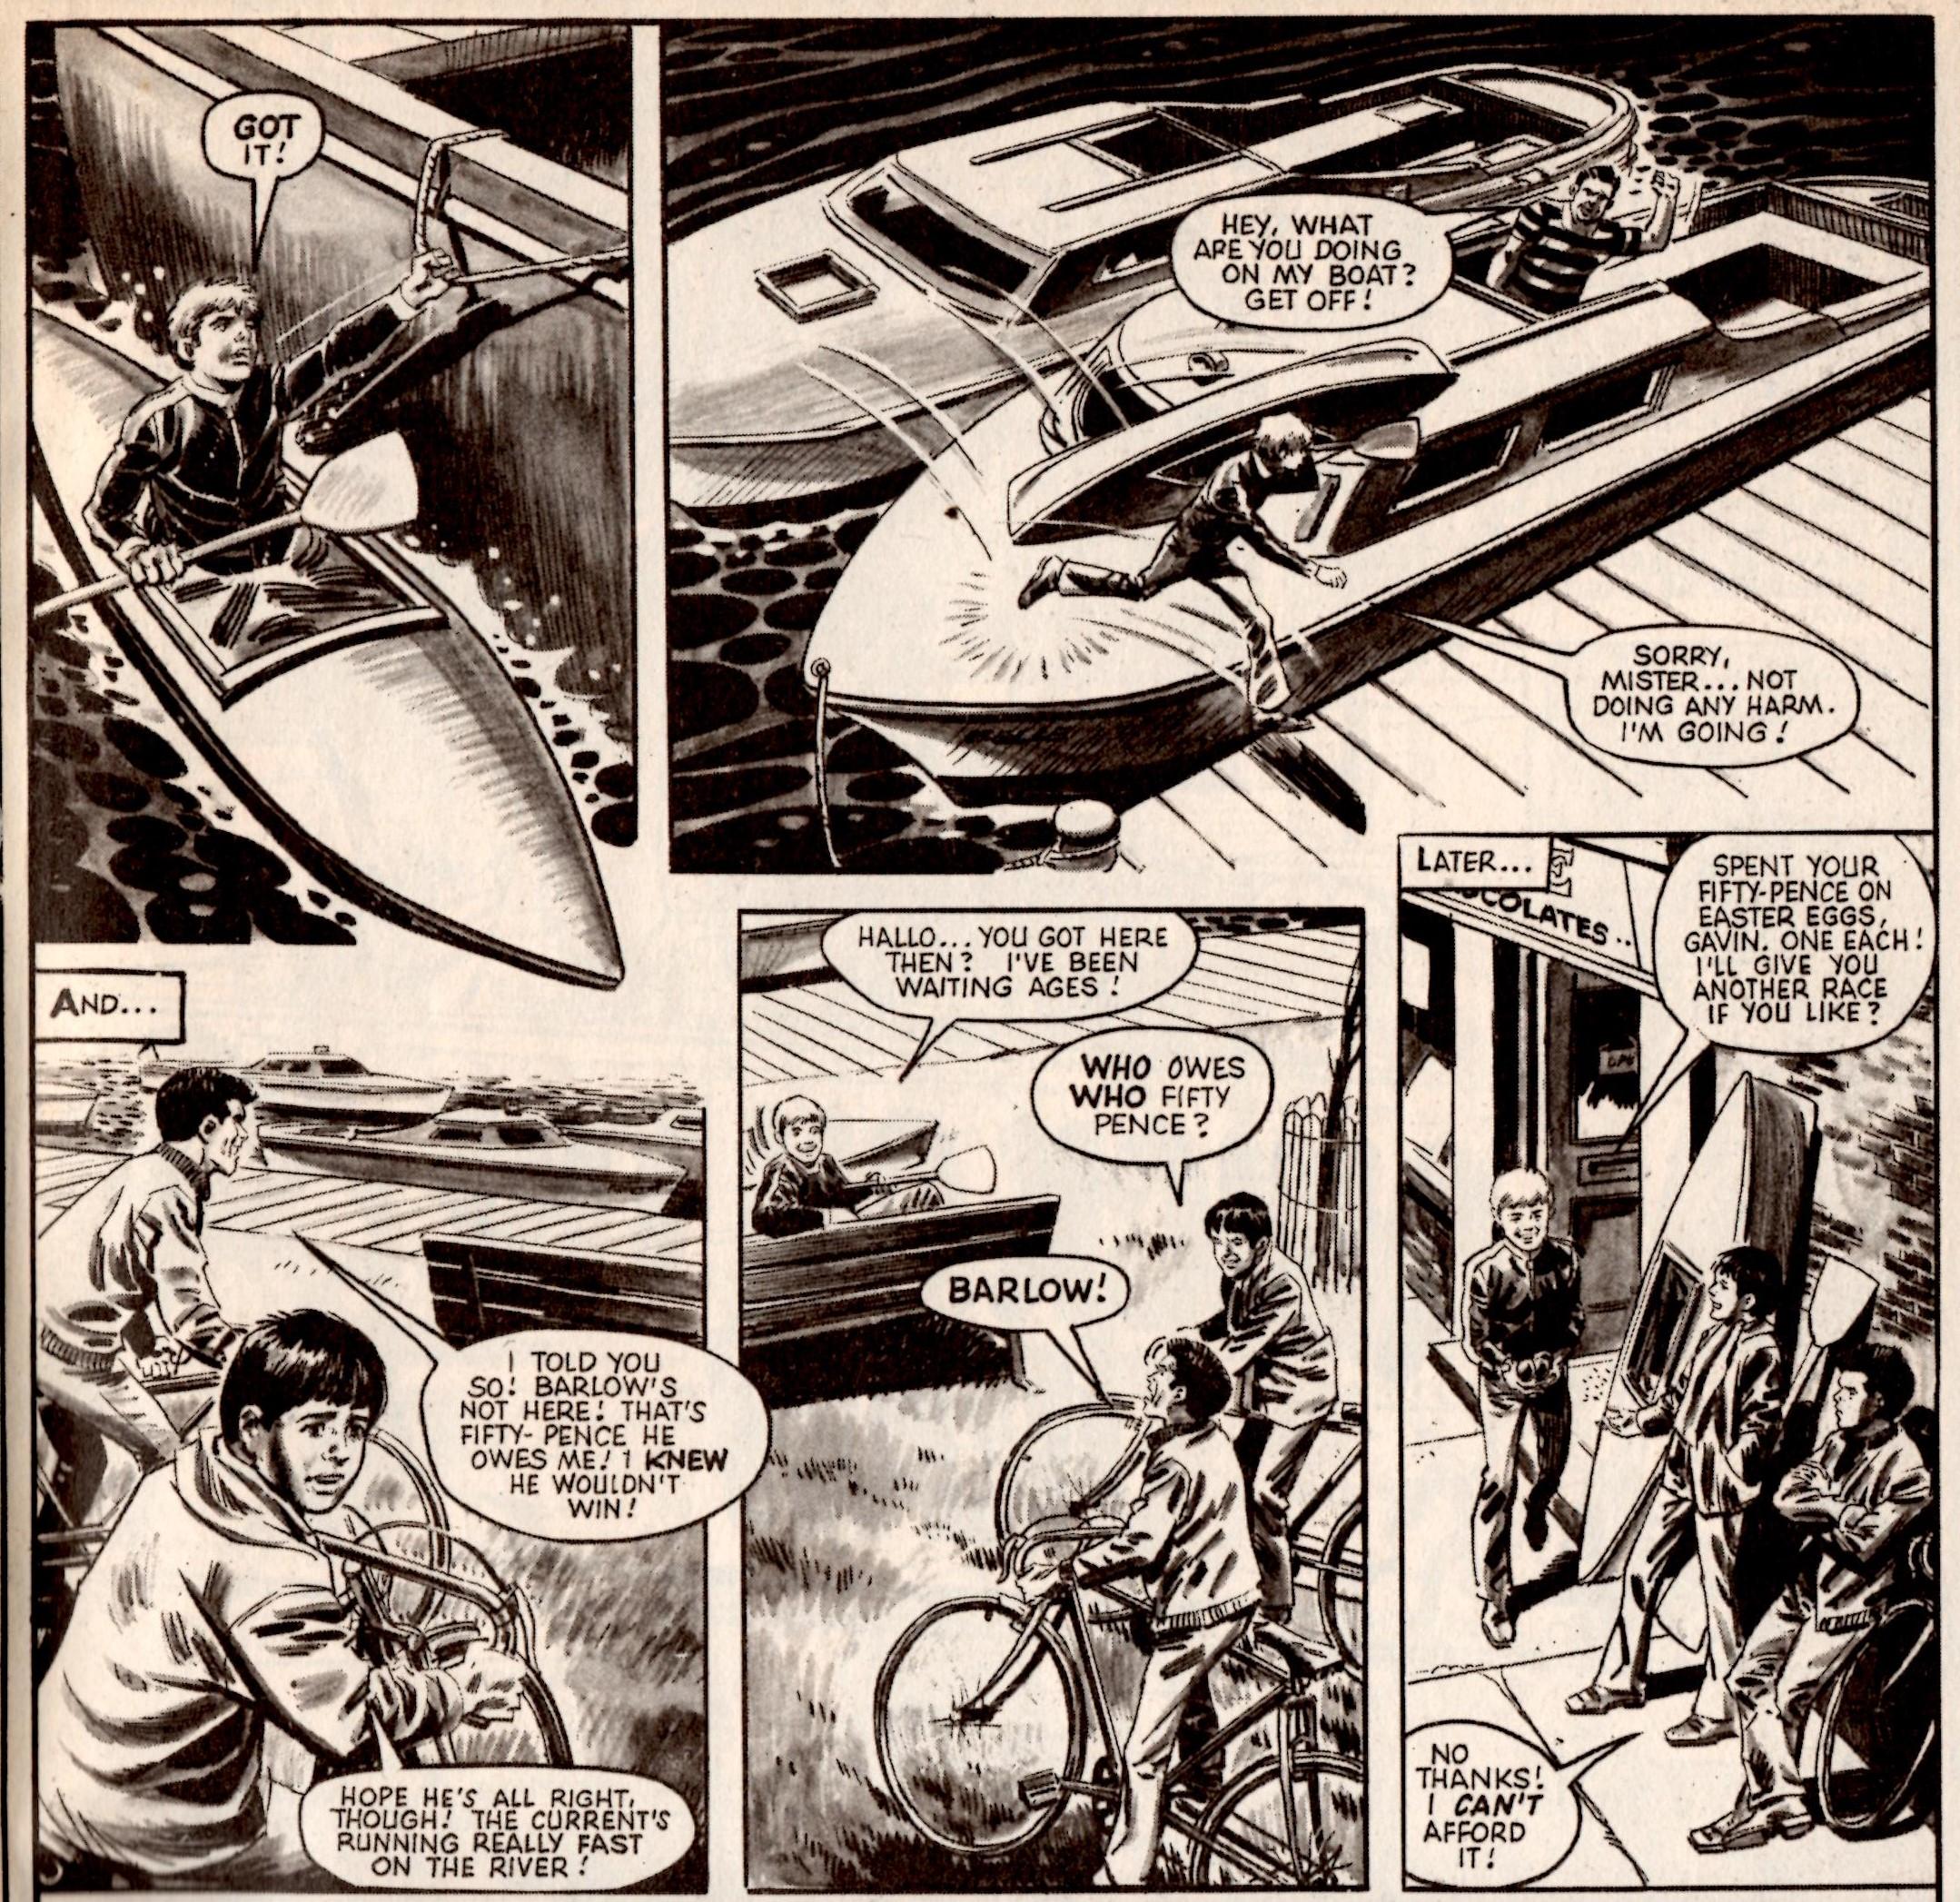 Speedboy: Mike White (artist)